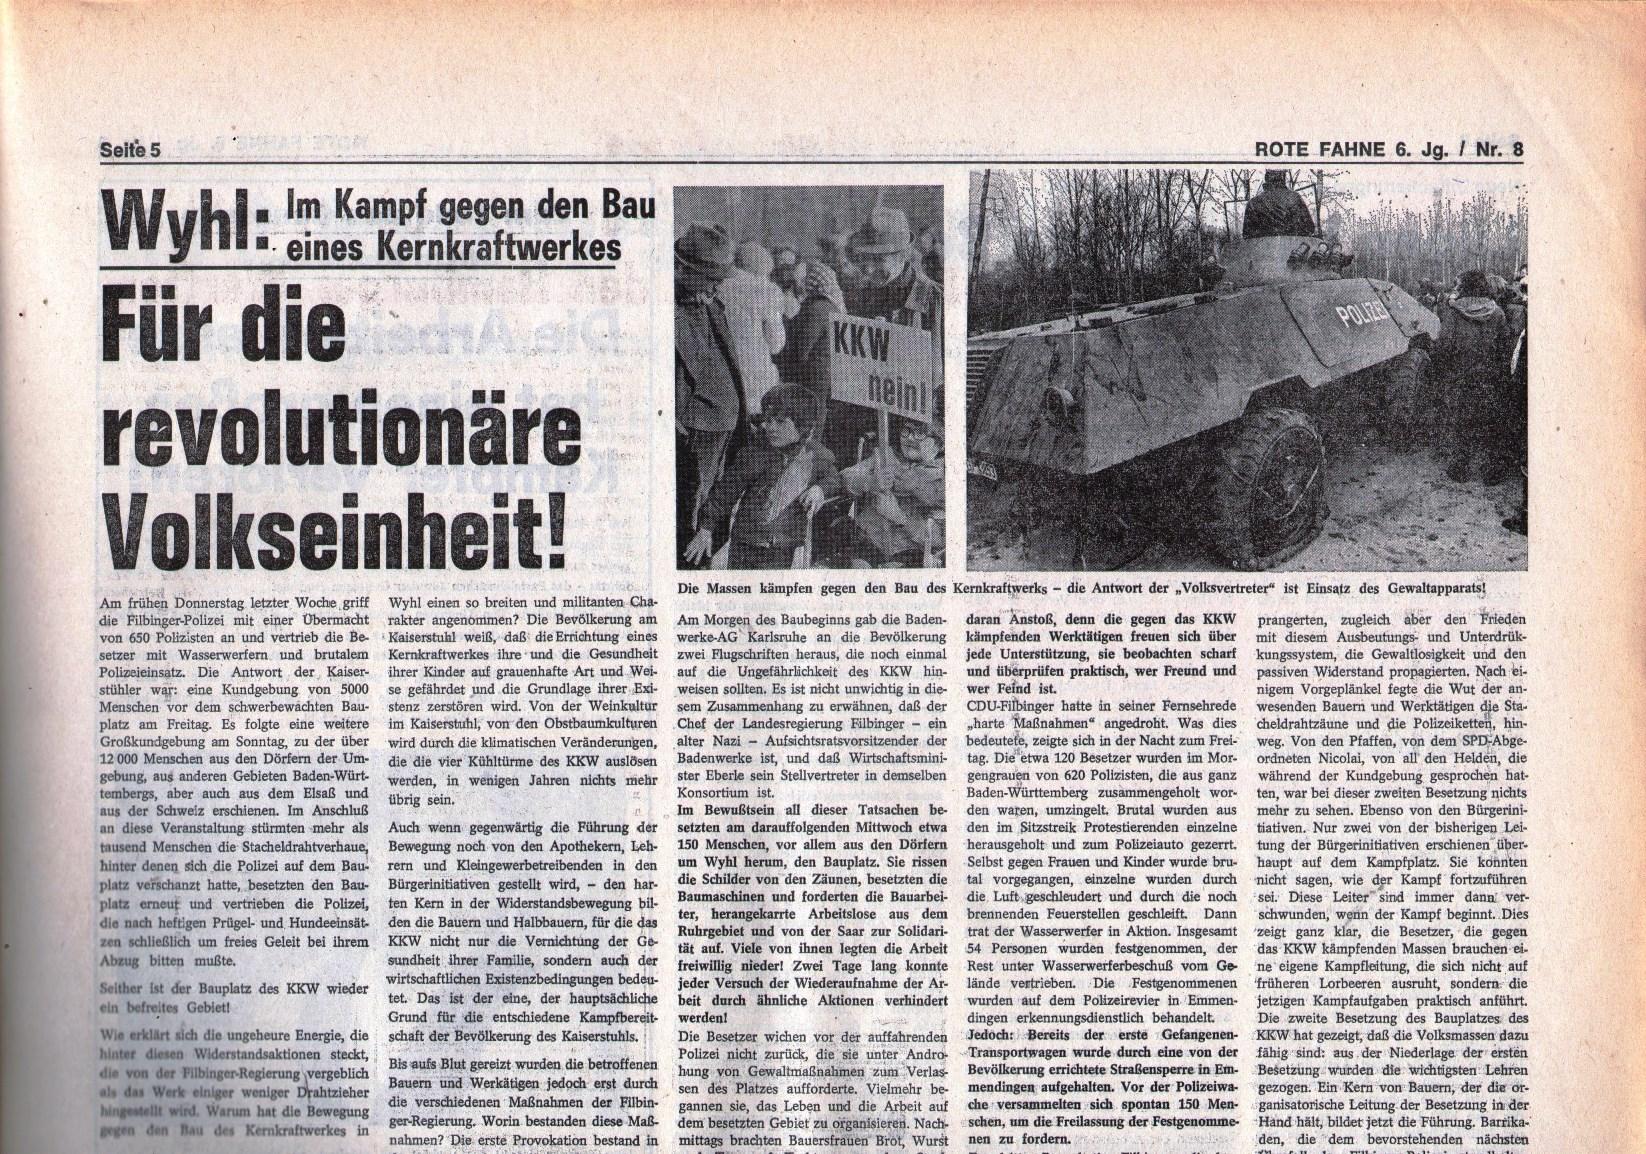 KPD_Rote_Fahne_1975_08_09